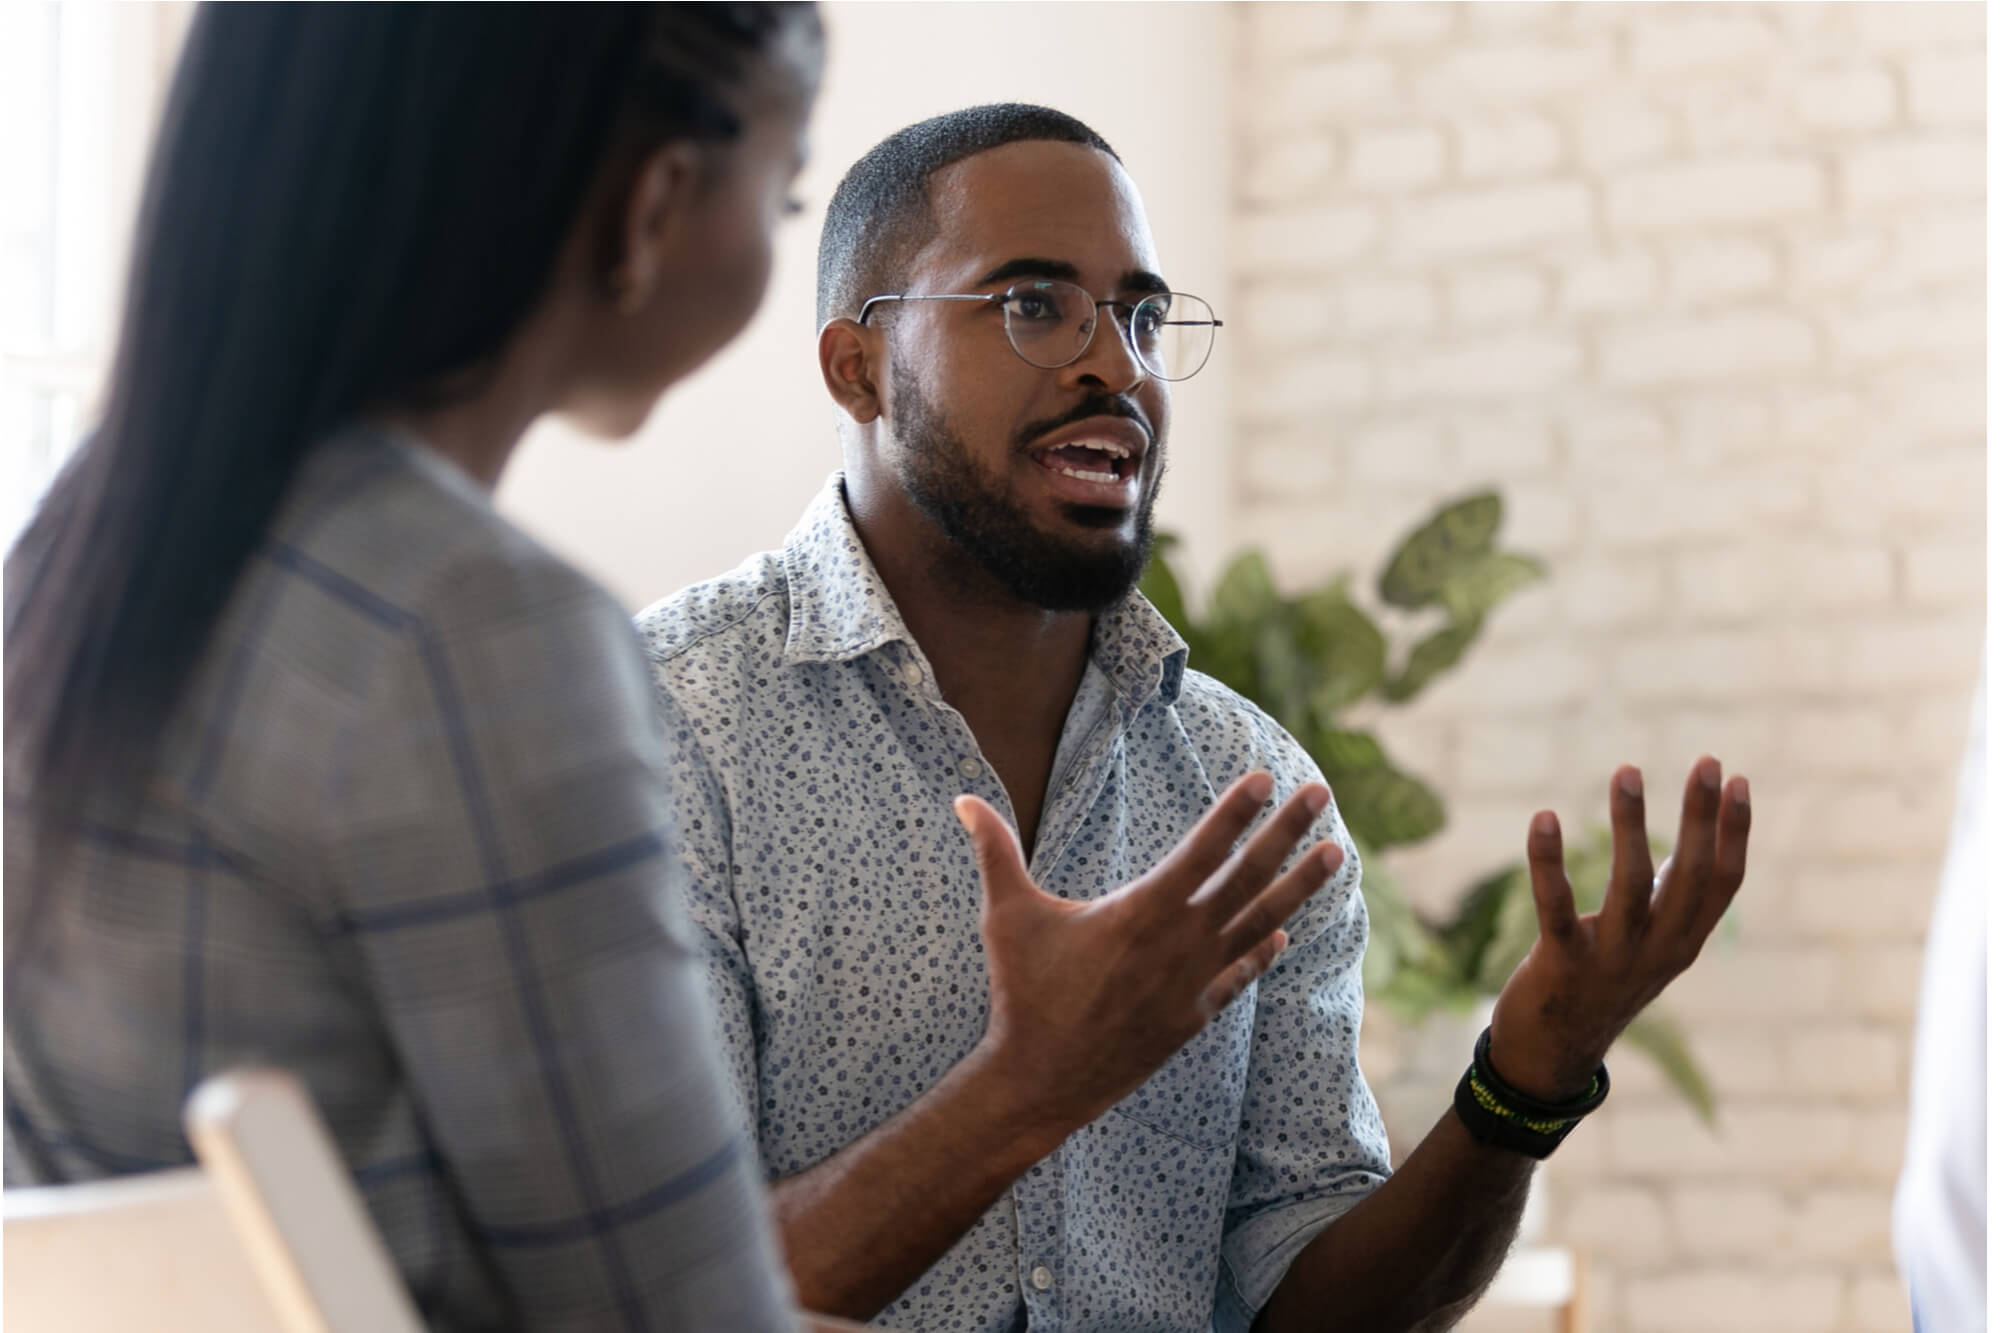 心理カウンセリングを受けることで自分に会った新しい視点や考え方を持つことができたクライアント